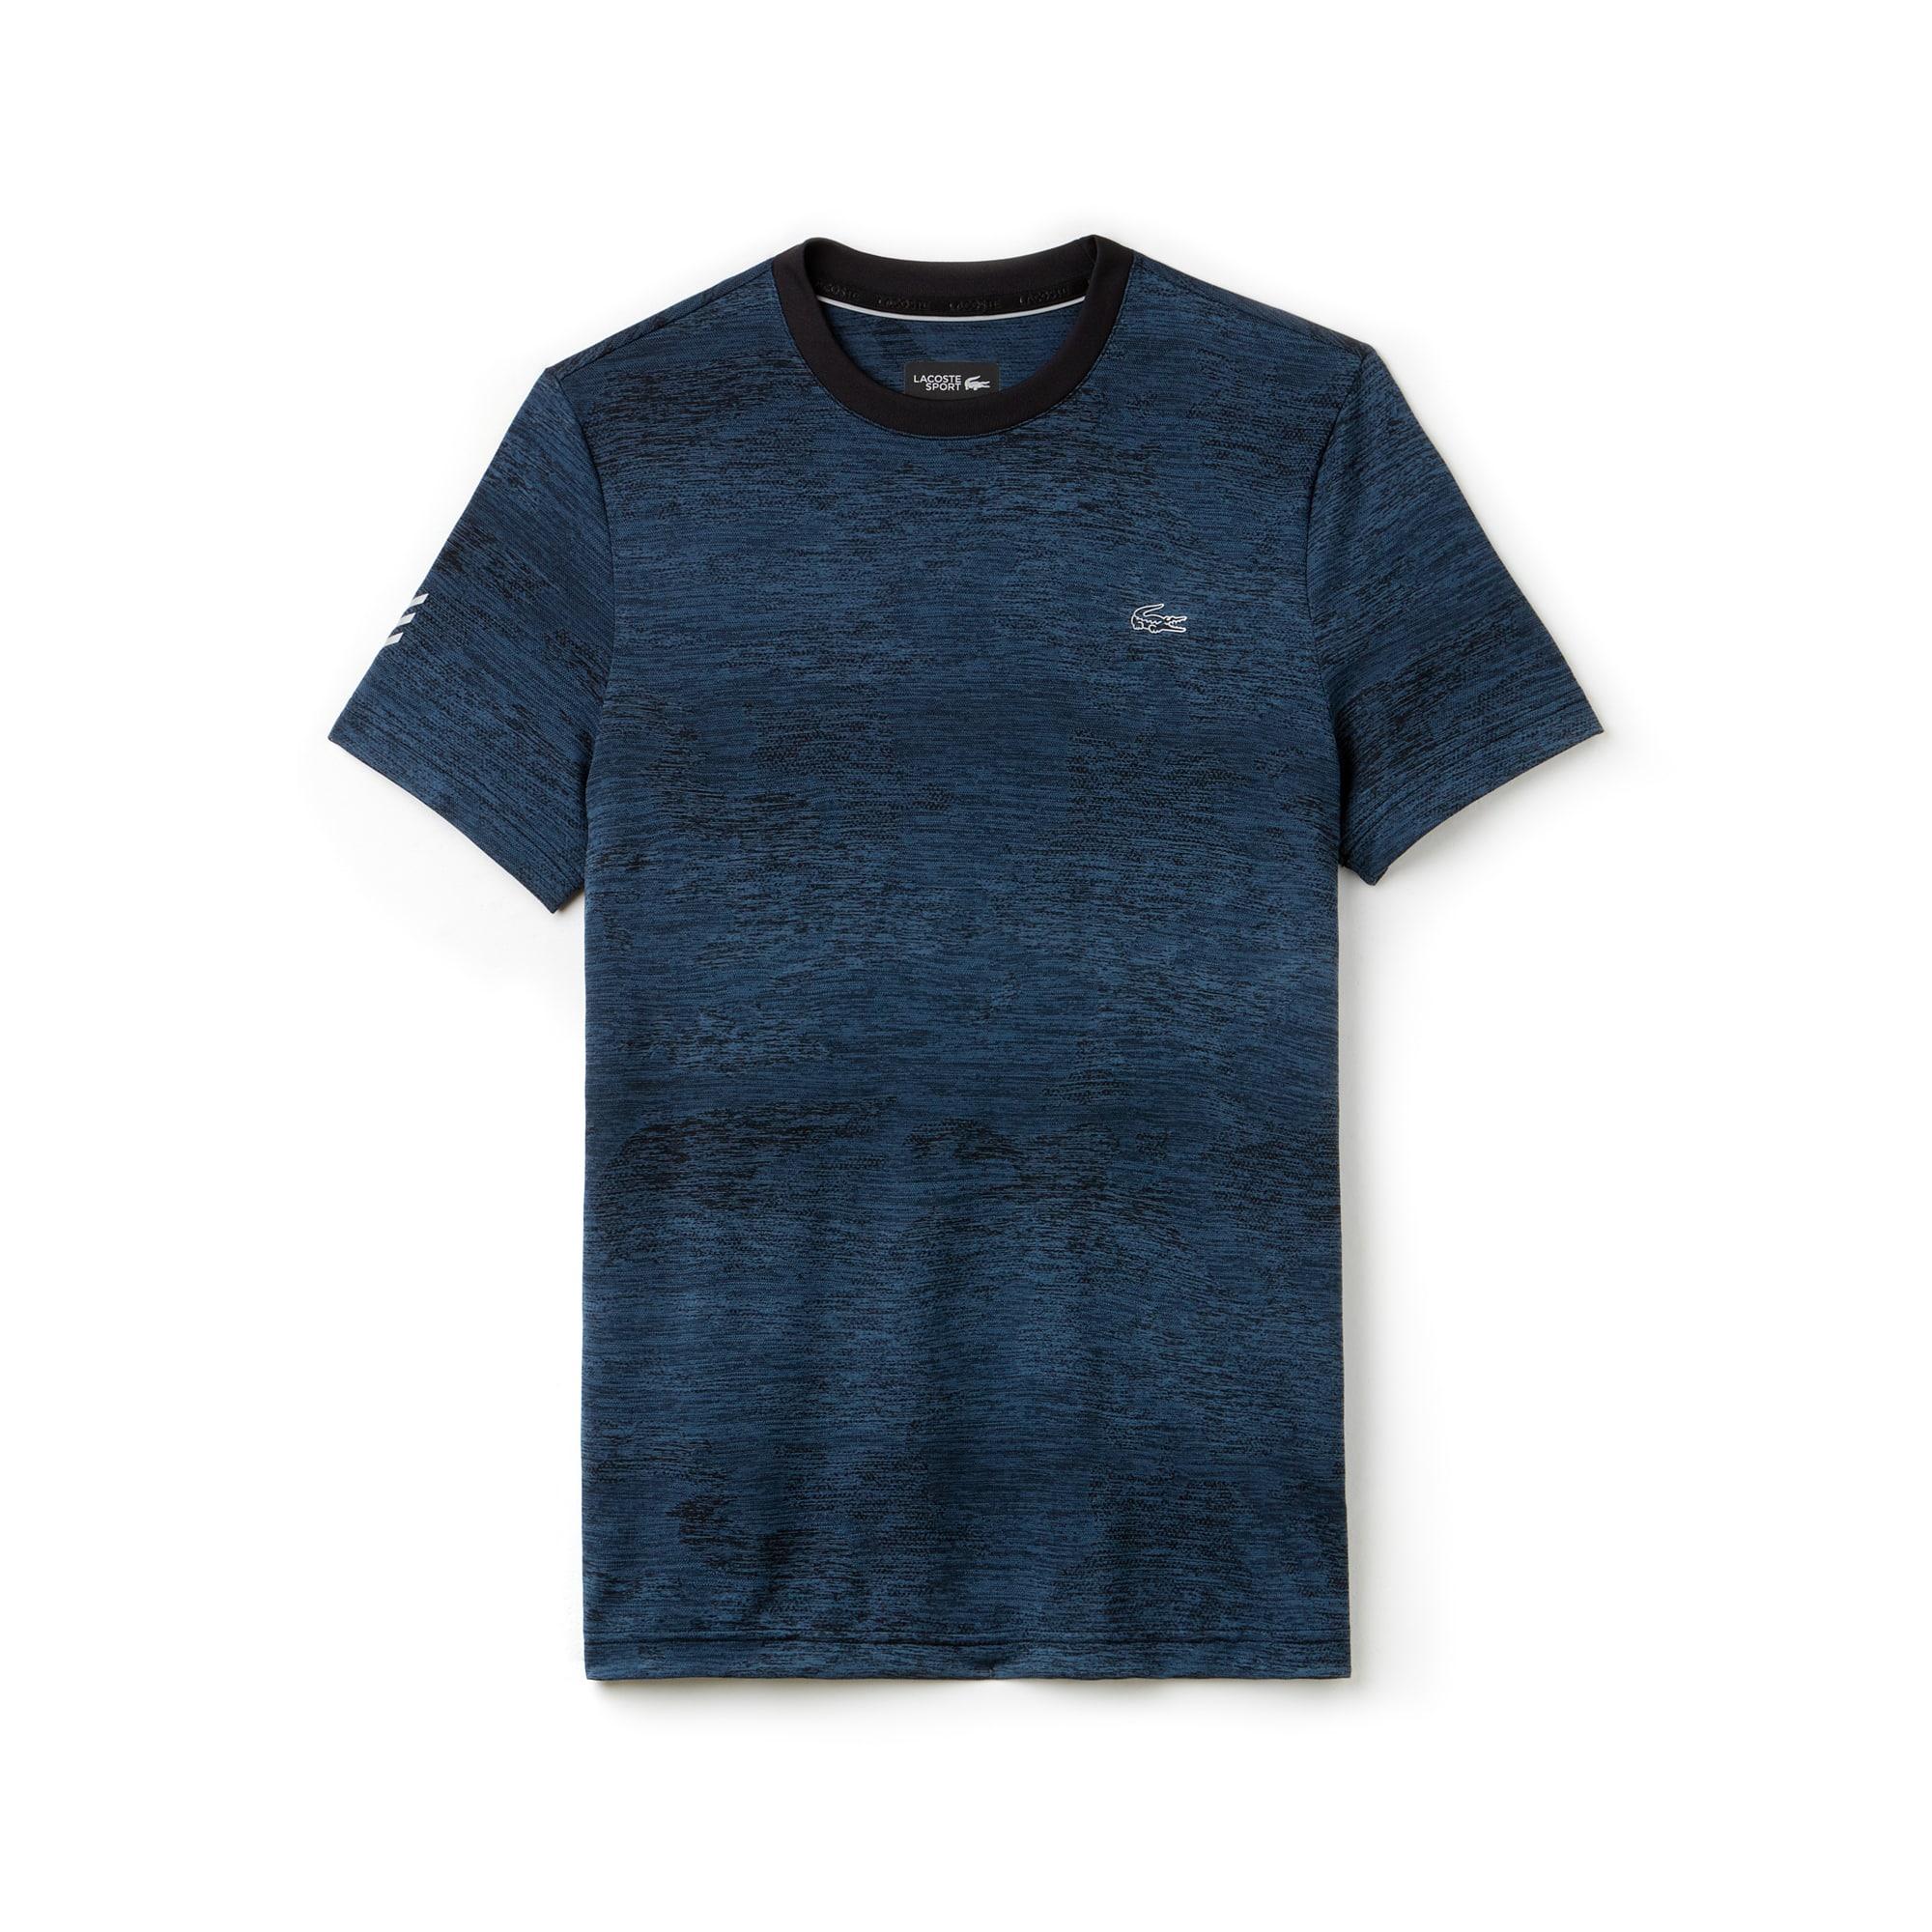 Camiseta Técnica Estampada Tenis Lacoste Sport